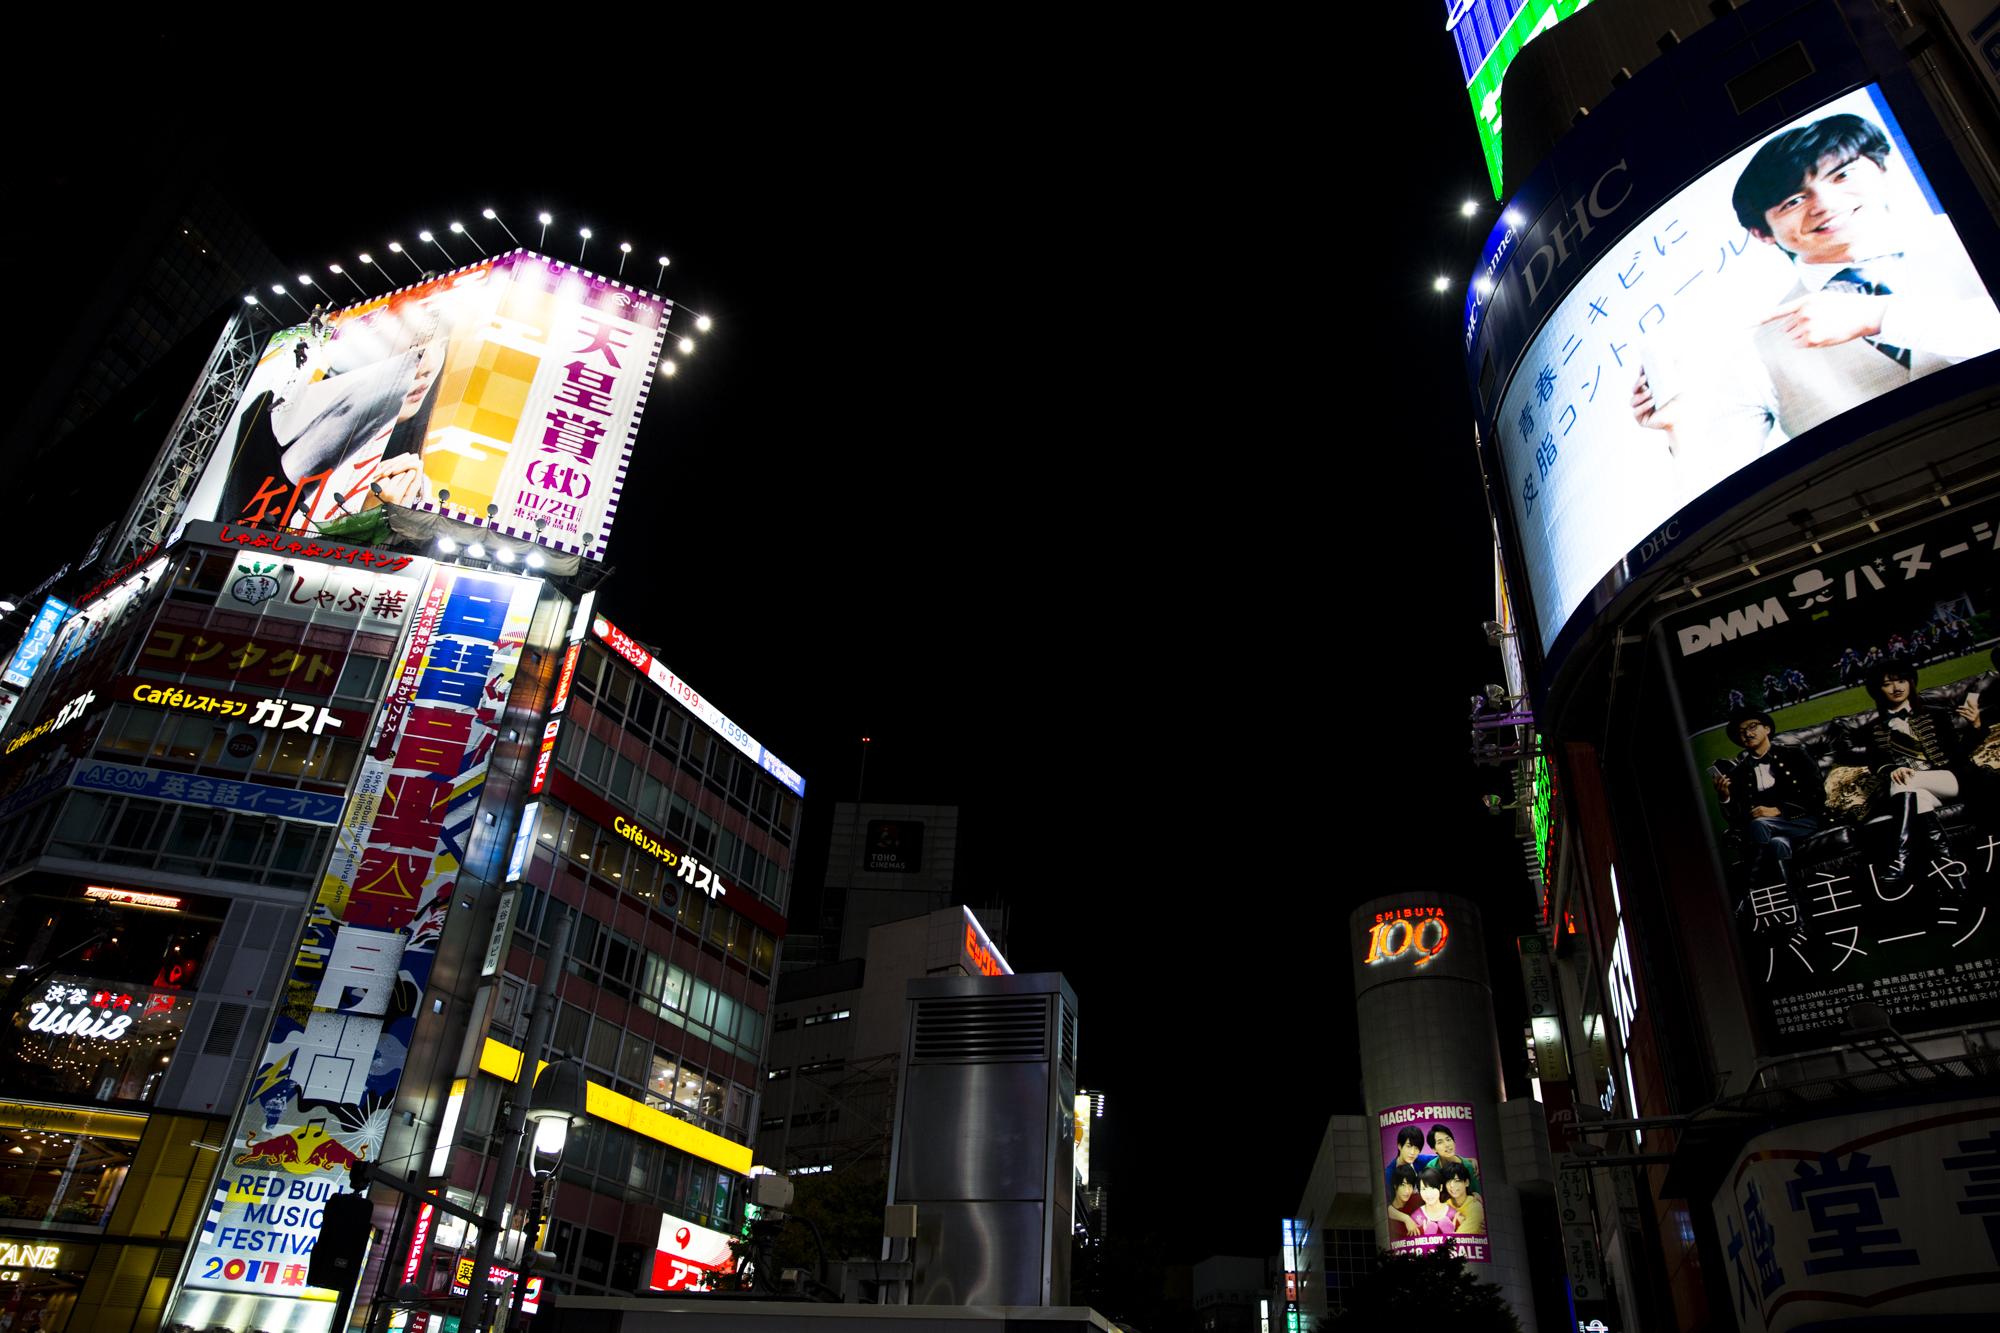 PERRU_P_JAPAN_01_26.jpg